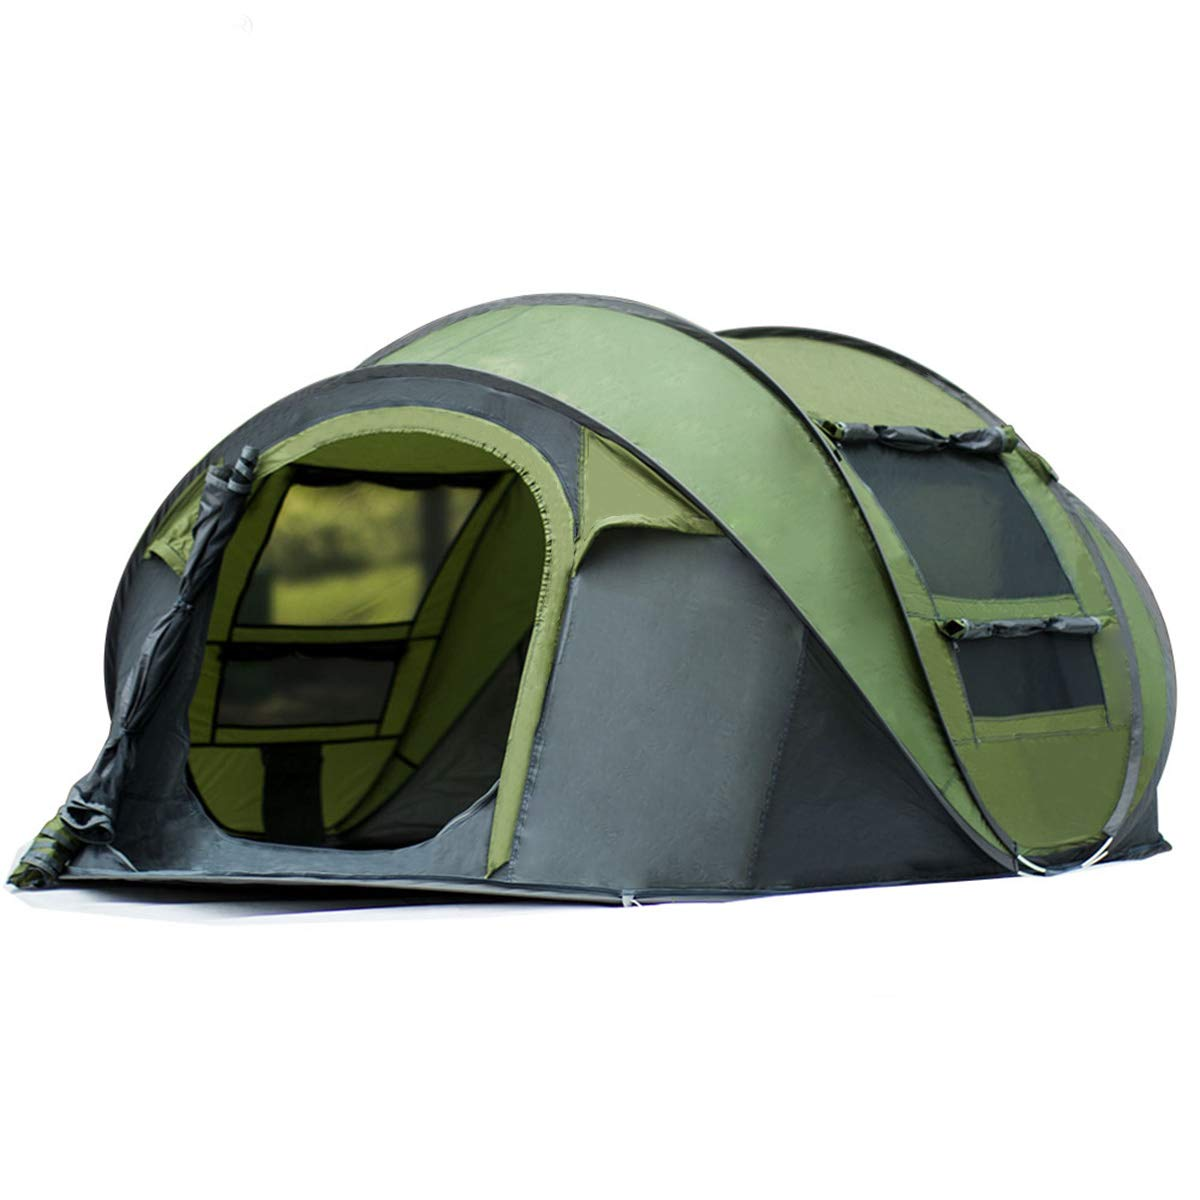 Qisan 20% automatisches im Freien kampierendes werfendes Zelt-Pop-upzelt für Wasserdichte schnell-öffnende Zelte 4 Personen-Überdachung mit der tragenden Tasche einfach, Grün zu gründen